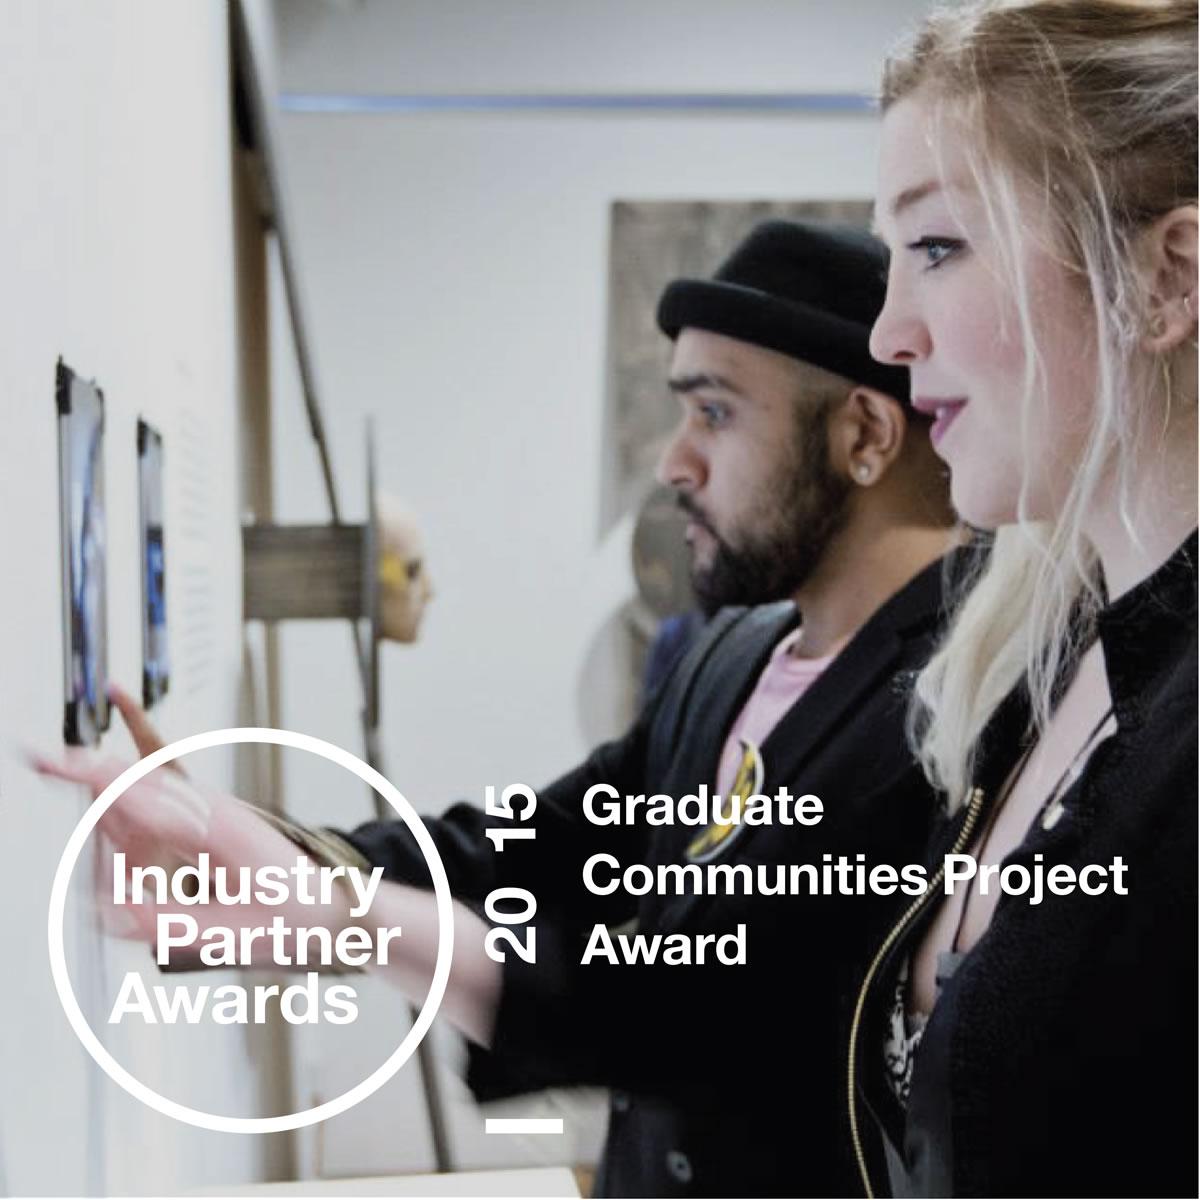 00100-Industry-Partner-Awards_GCP-06-06